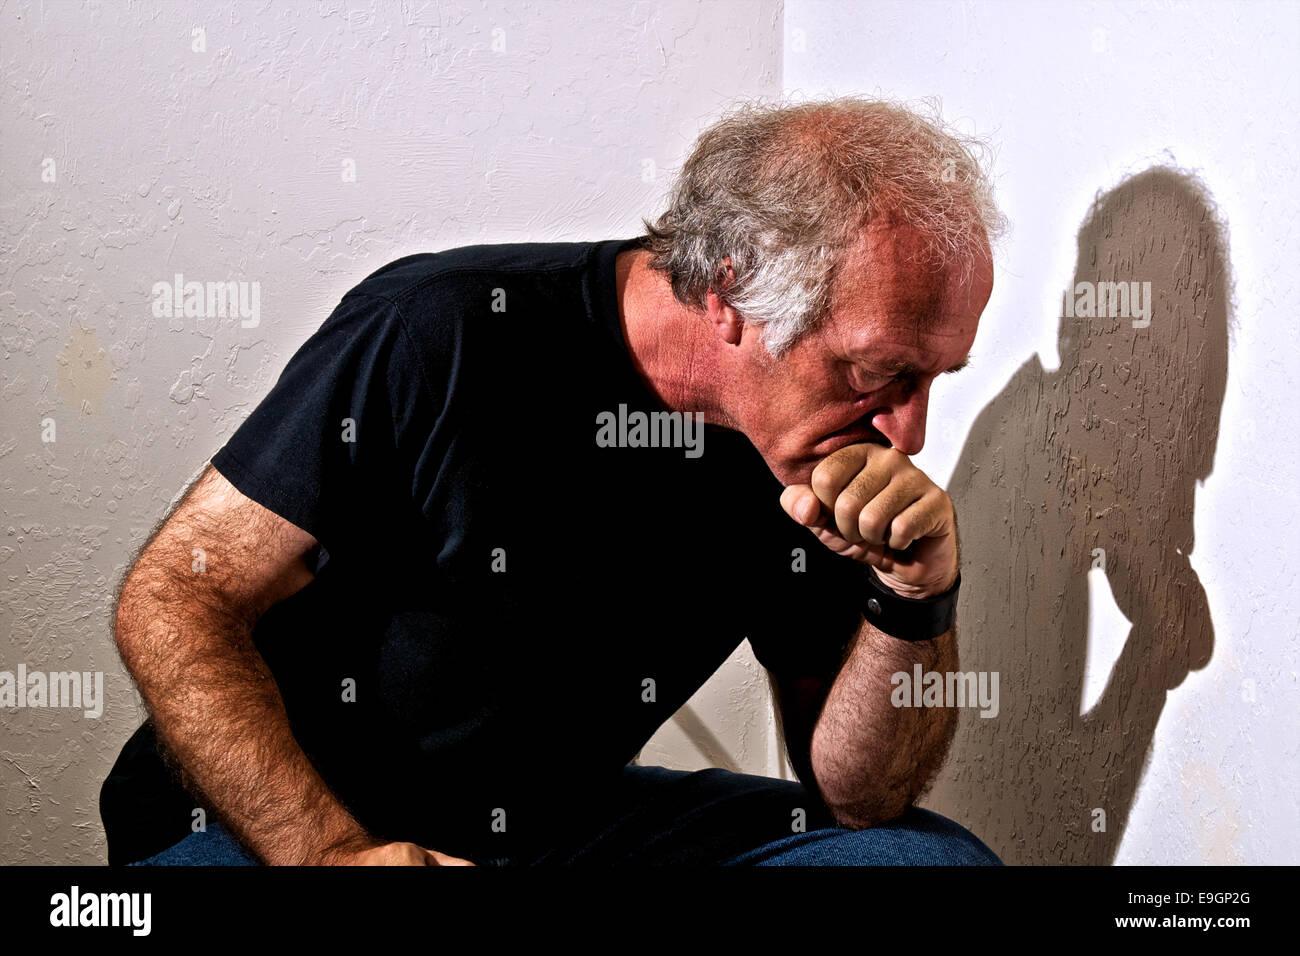 Un vecchio uomo premendo la bocca contro il pugno guardando giù nel pensiero, vista di profilo. Immagini Stock